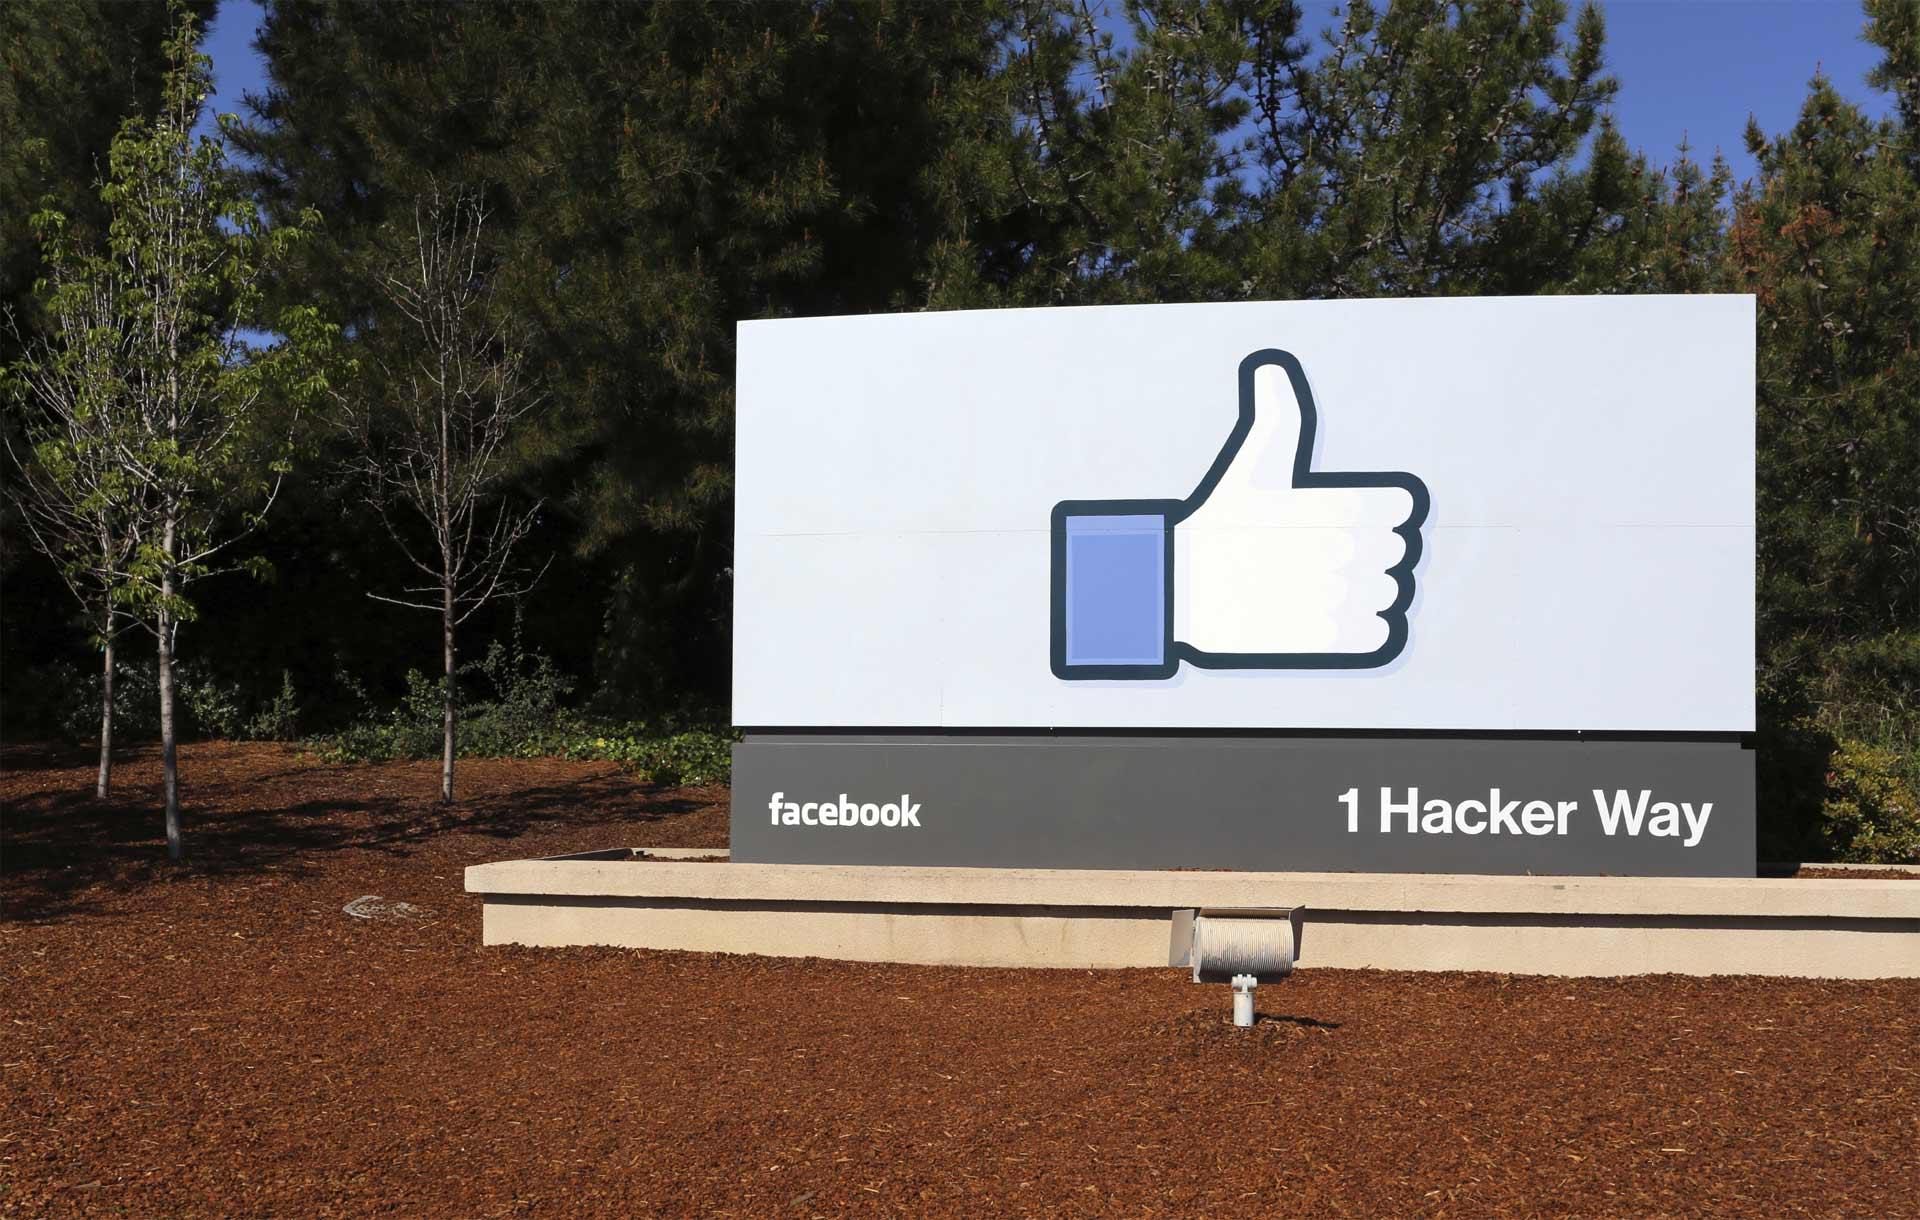 El hackeo es muy frecuente en esta red social. No des tus datos personales a nadie por este medio